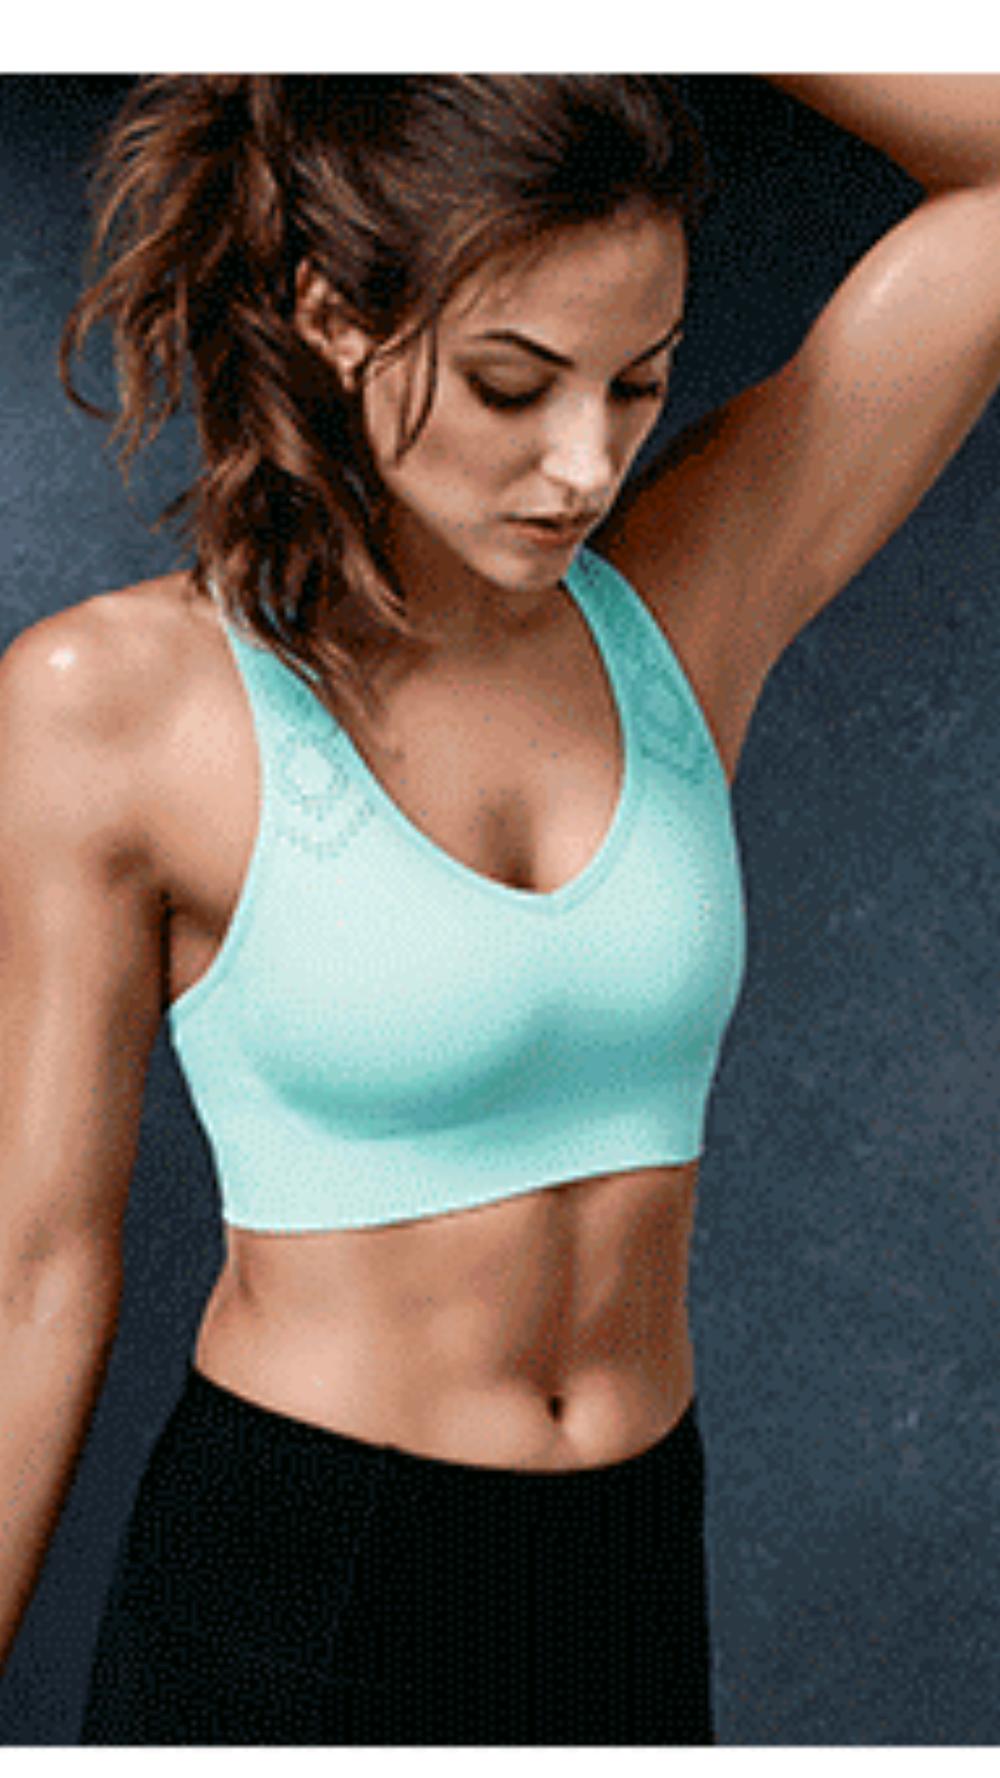 maria montgomery - fitness model - jockey